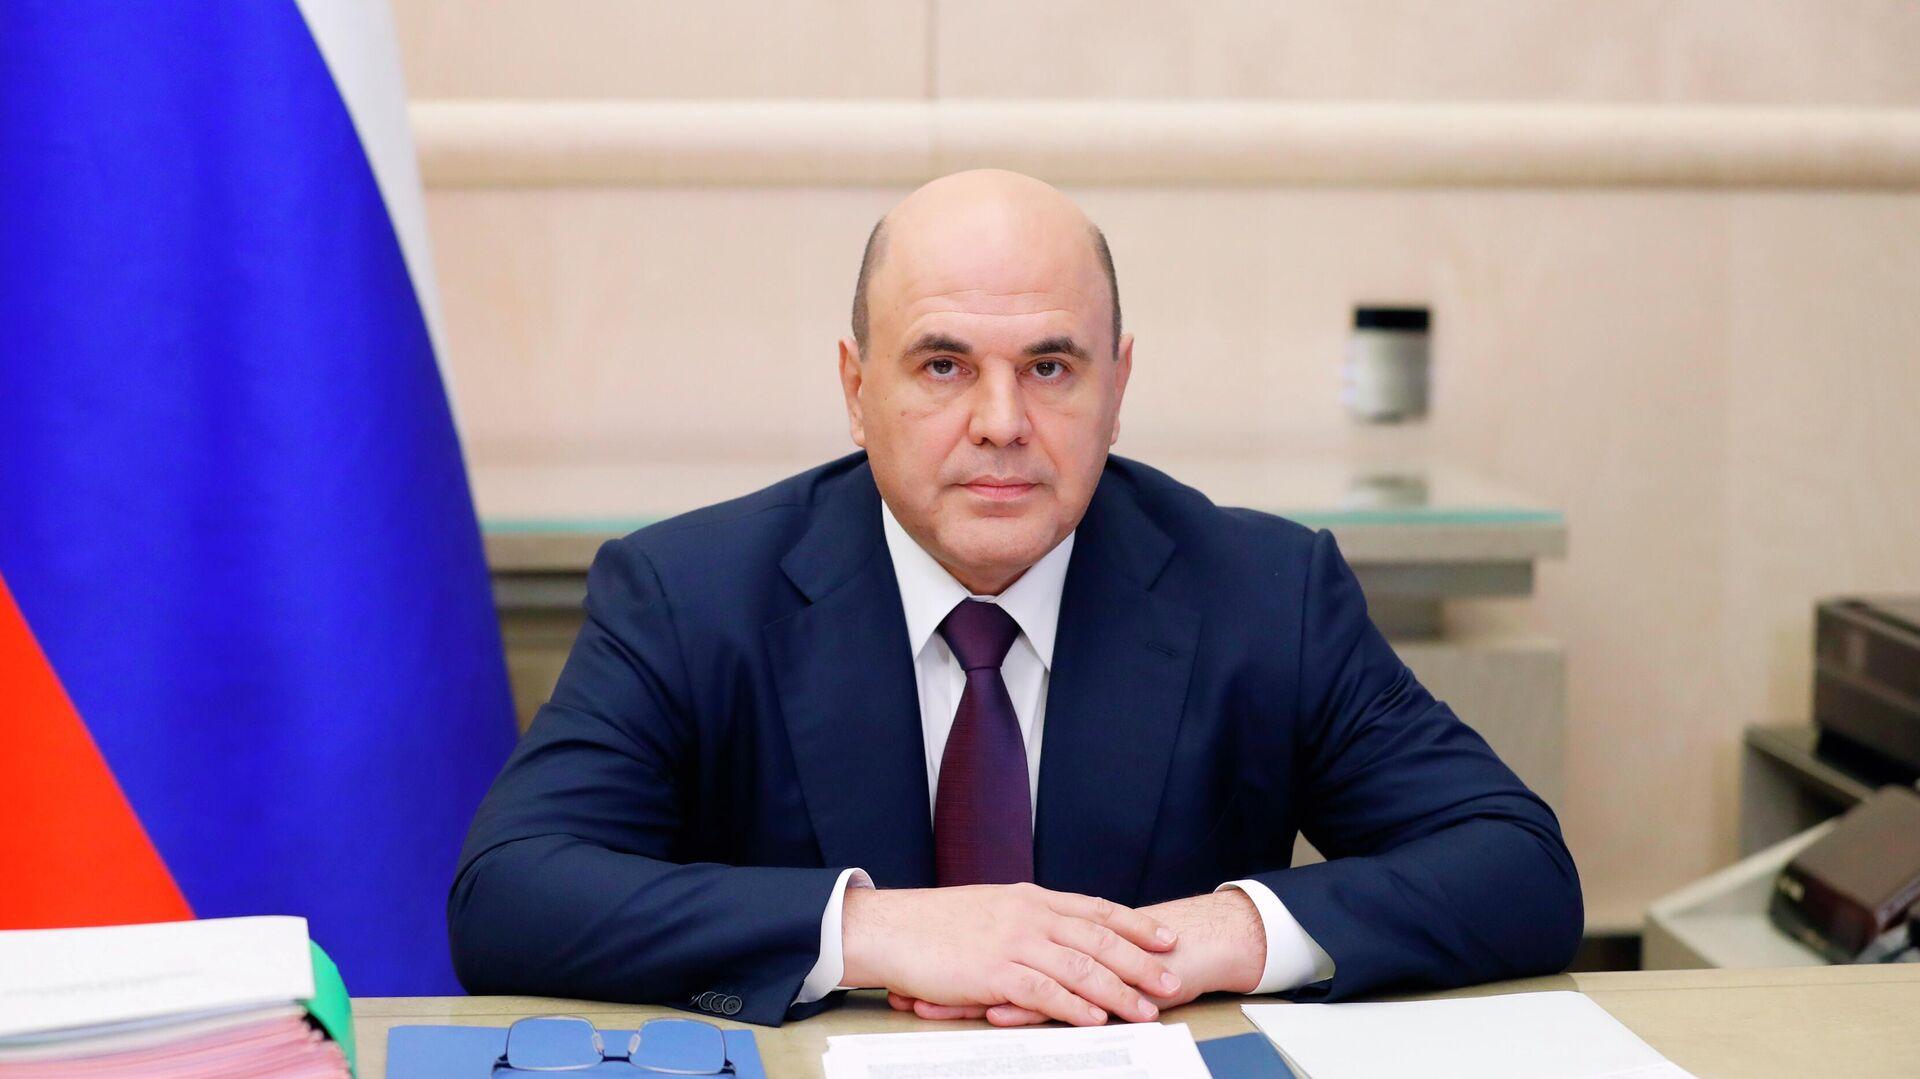 Мишустин поблагодарил Путина за поддержку правительства